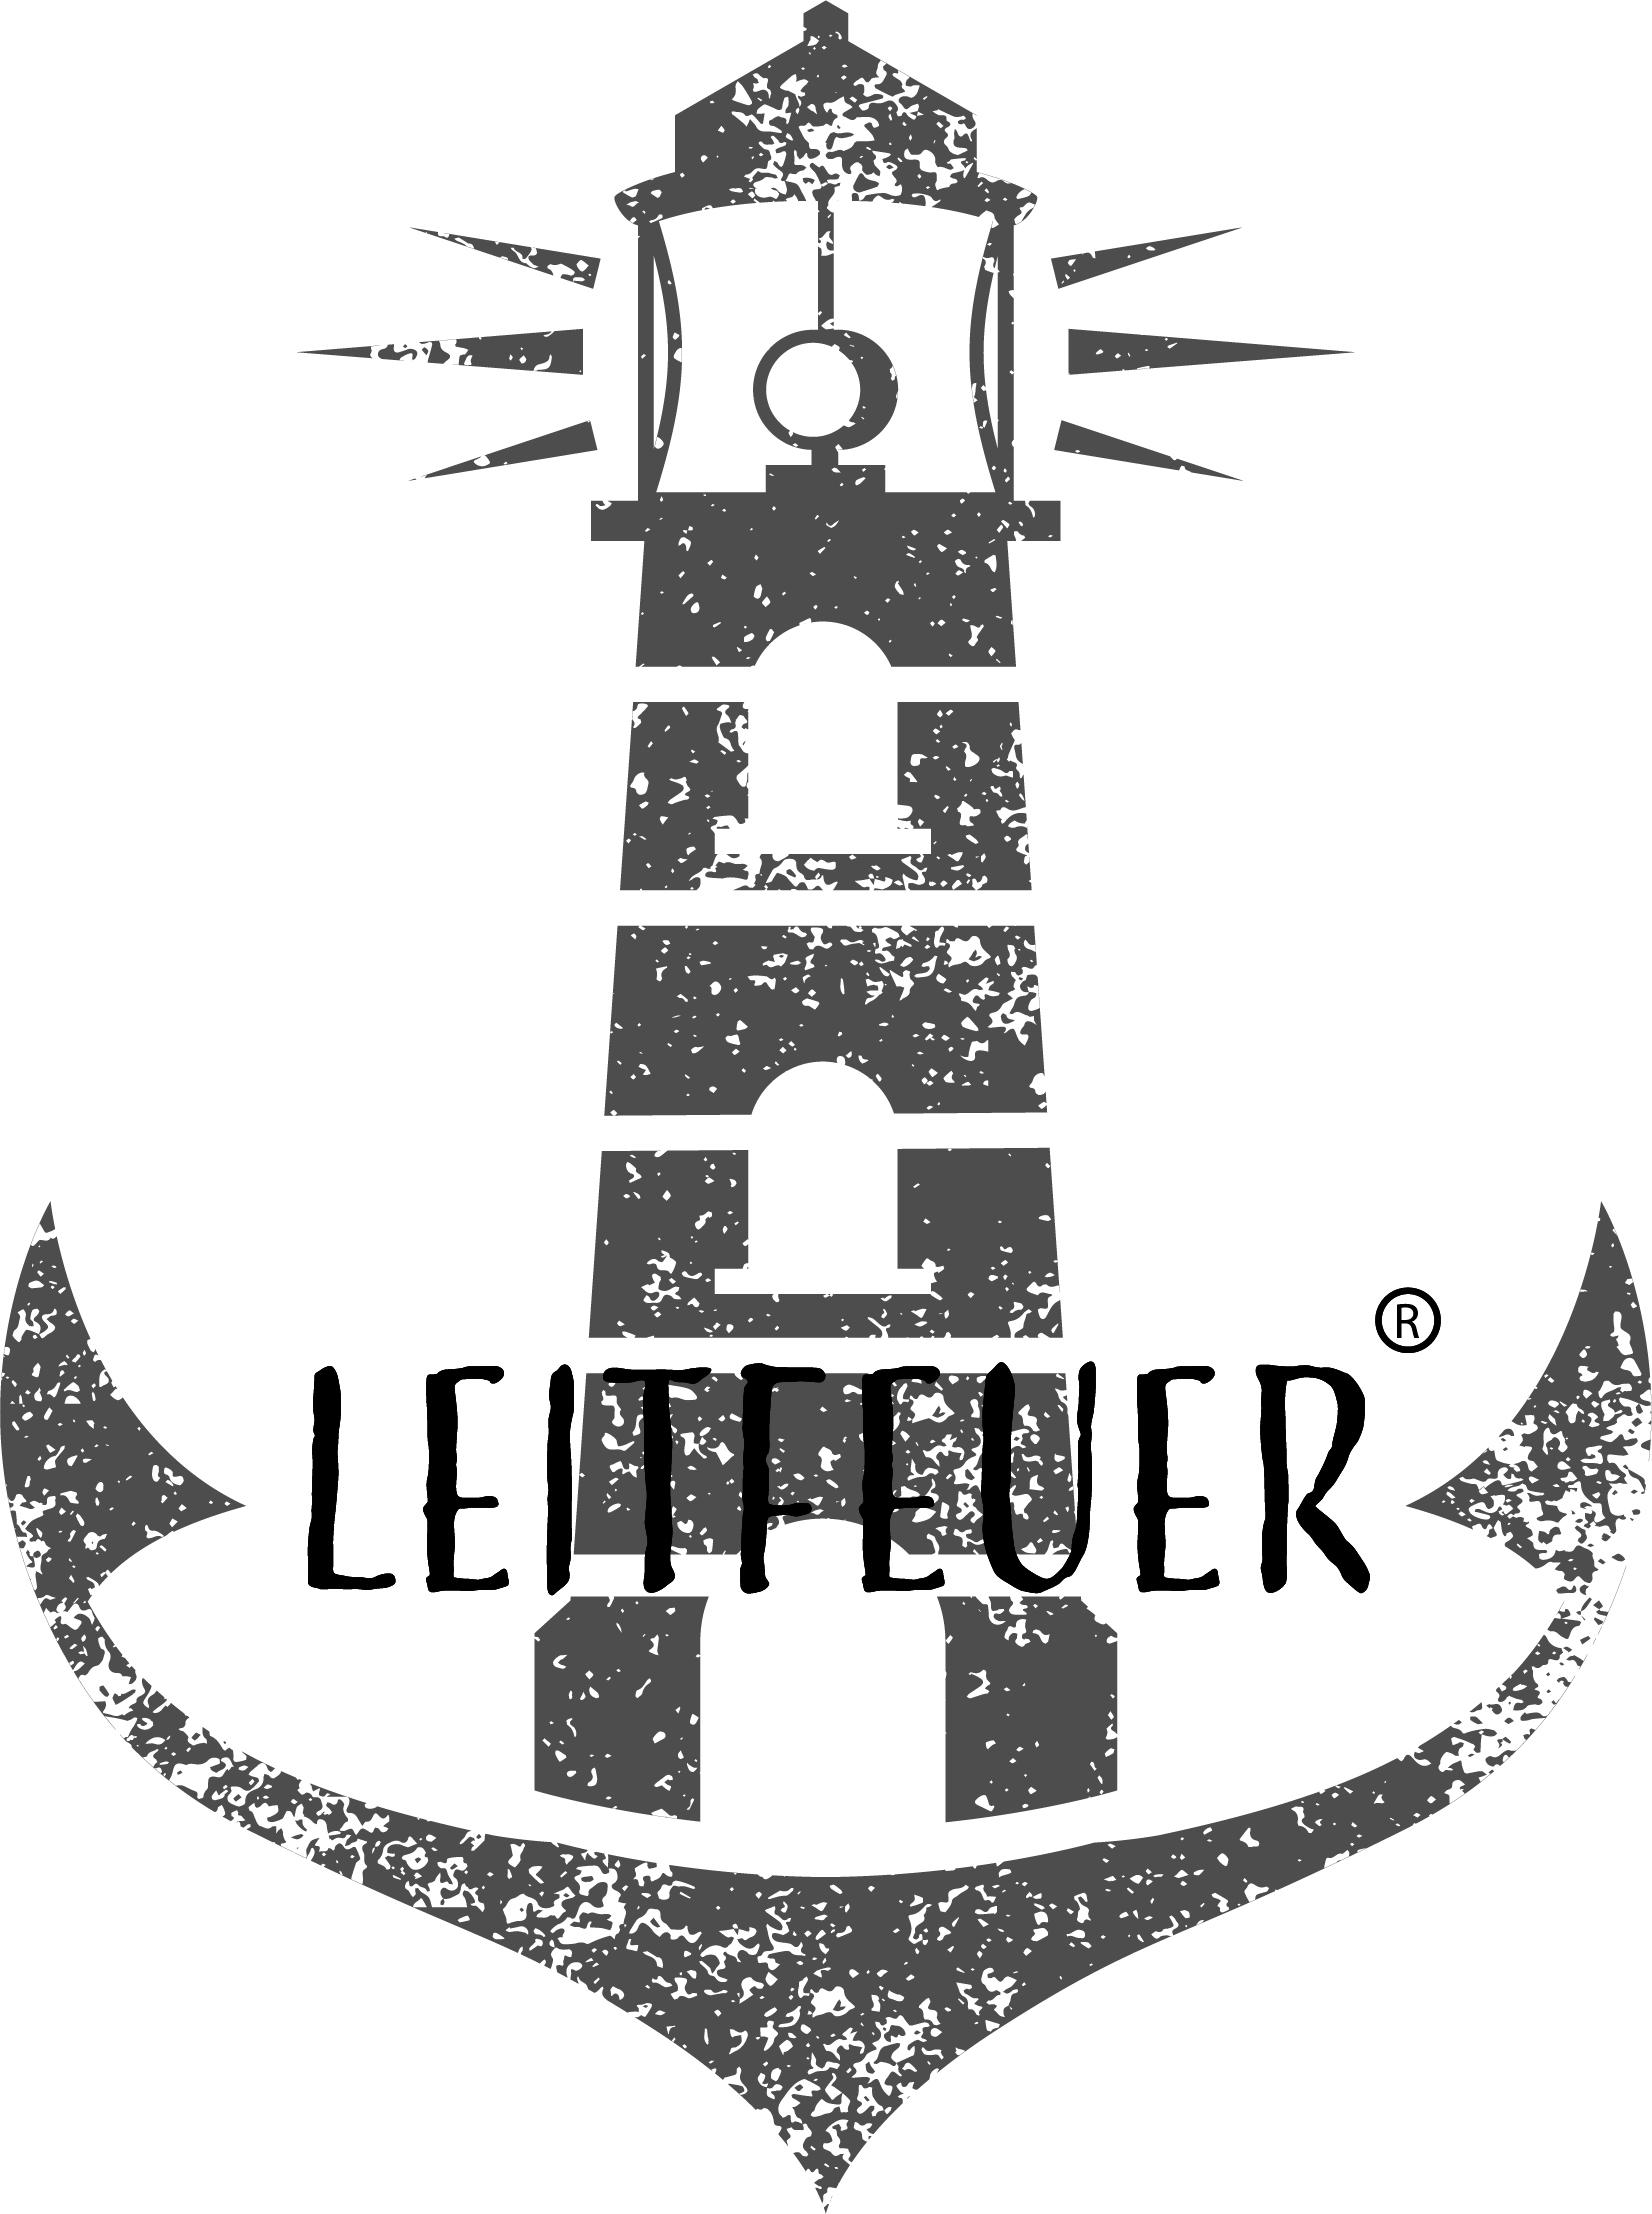 LEITFEUER